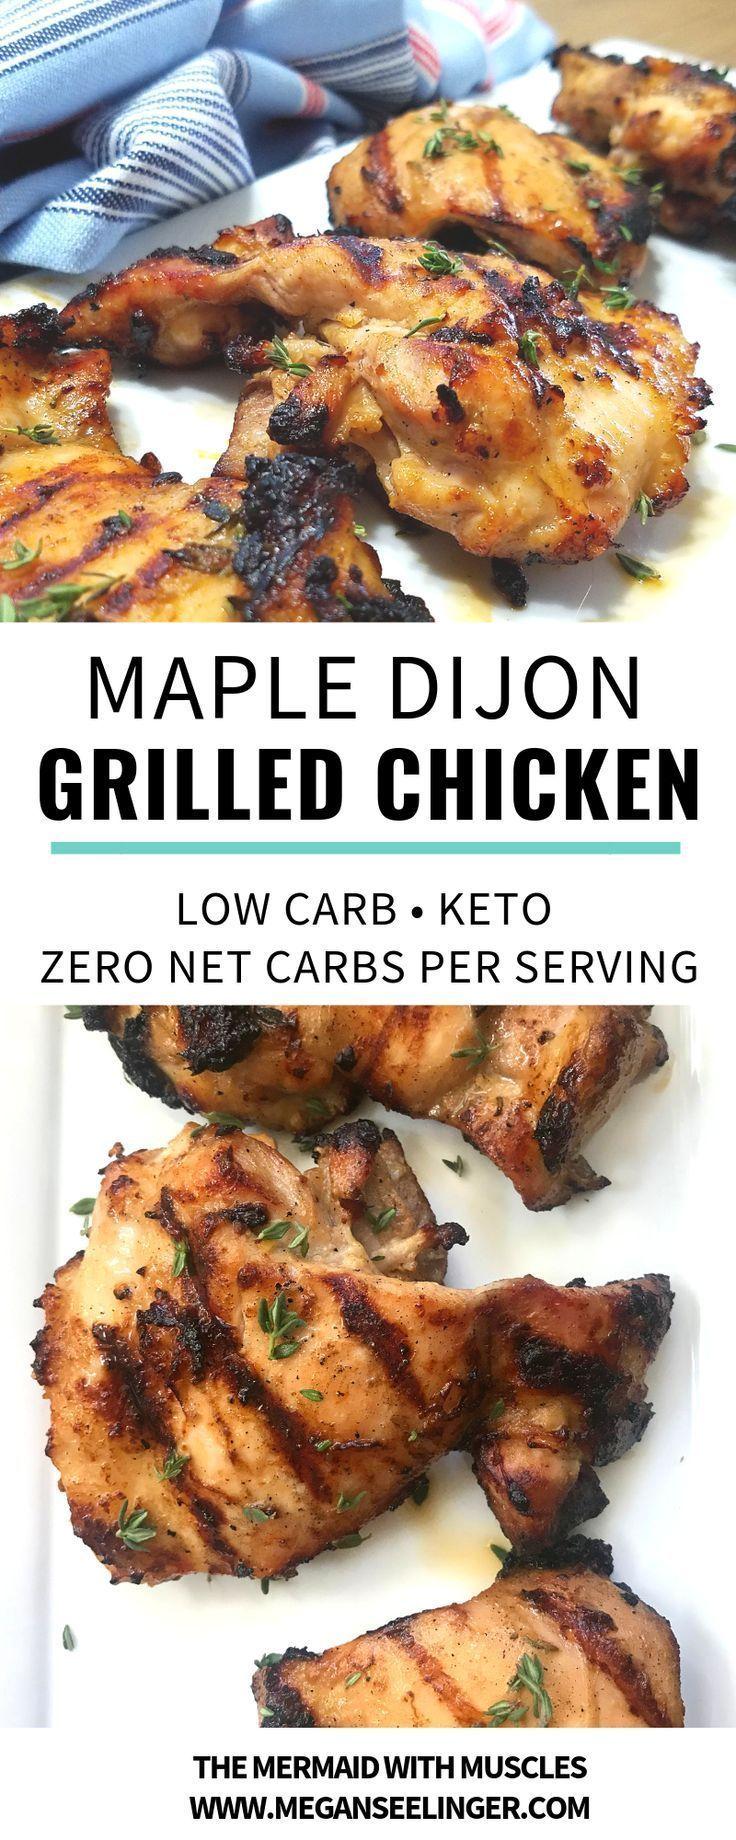 Cuisses de poulet Keto grillées avec marinade de poulet à l'érable et à la dijon à faible teneur en glucides - Recettes de Véronique